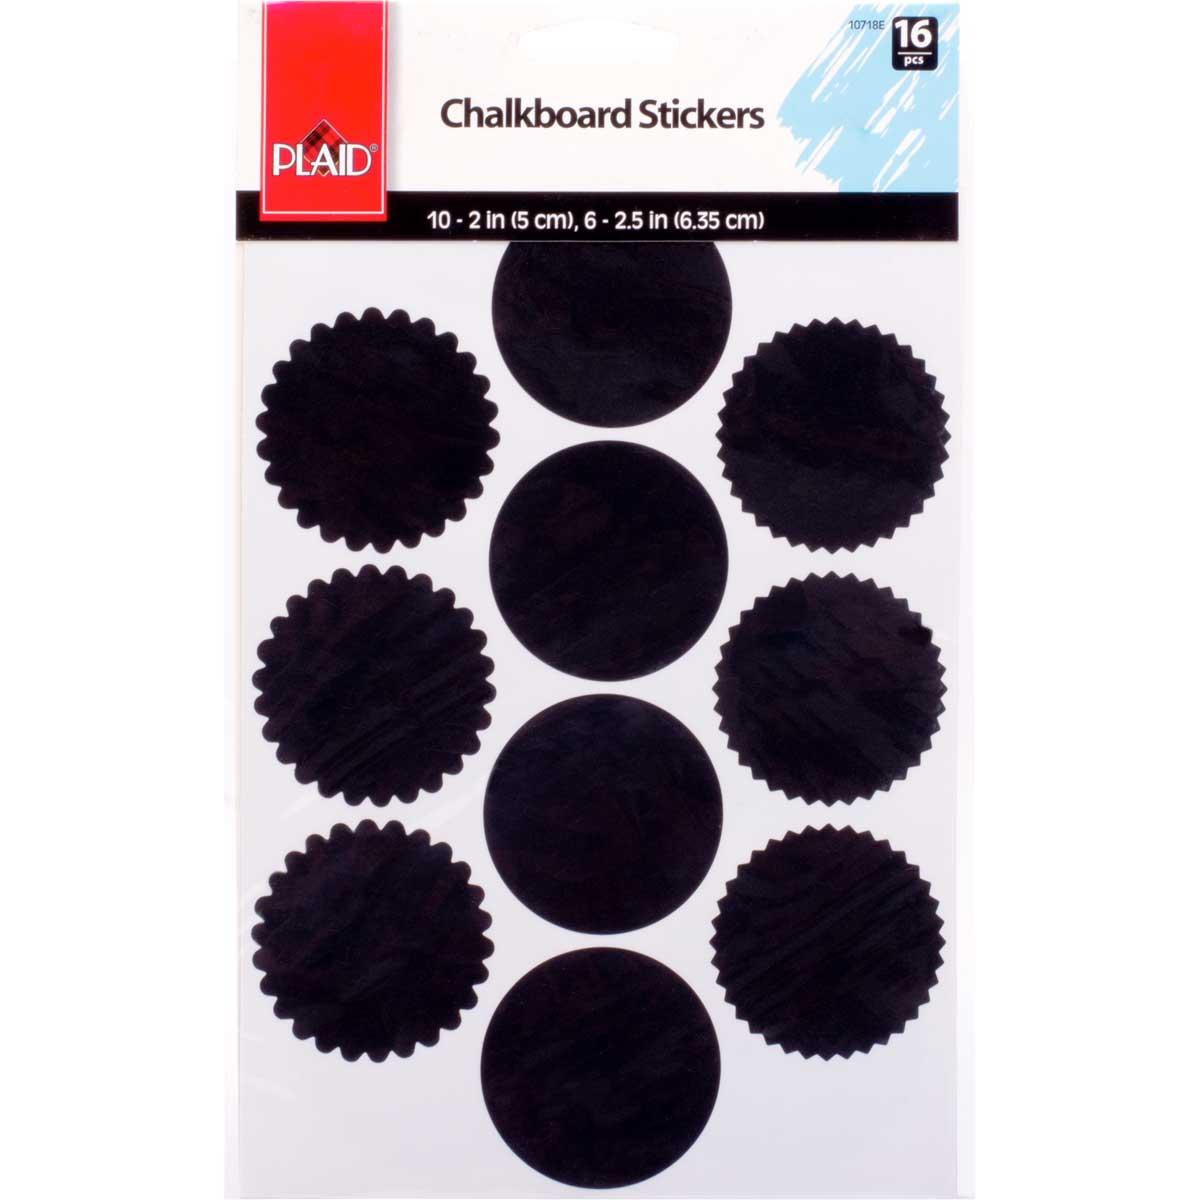 Plaid ® Chalkboard Stickers, 16 pcs.